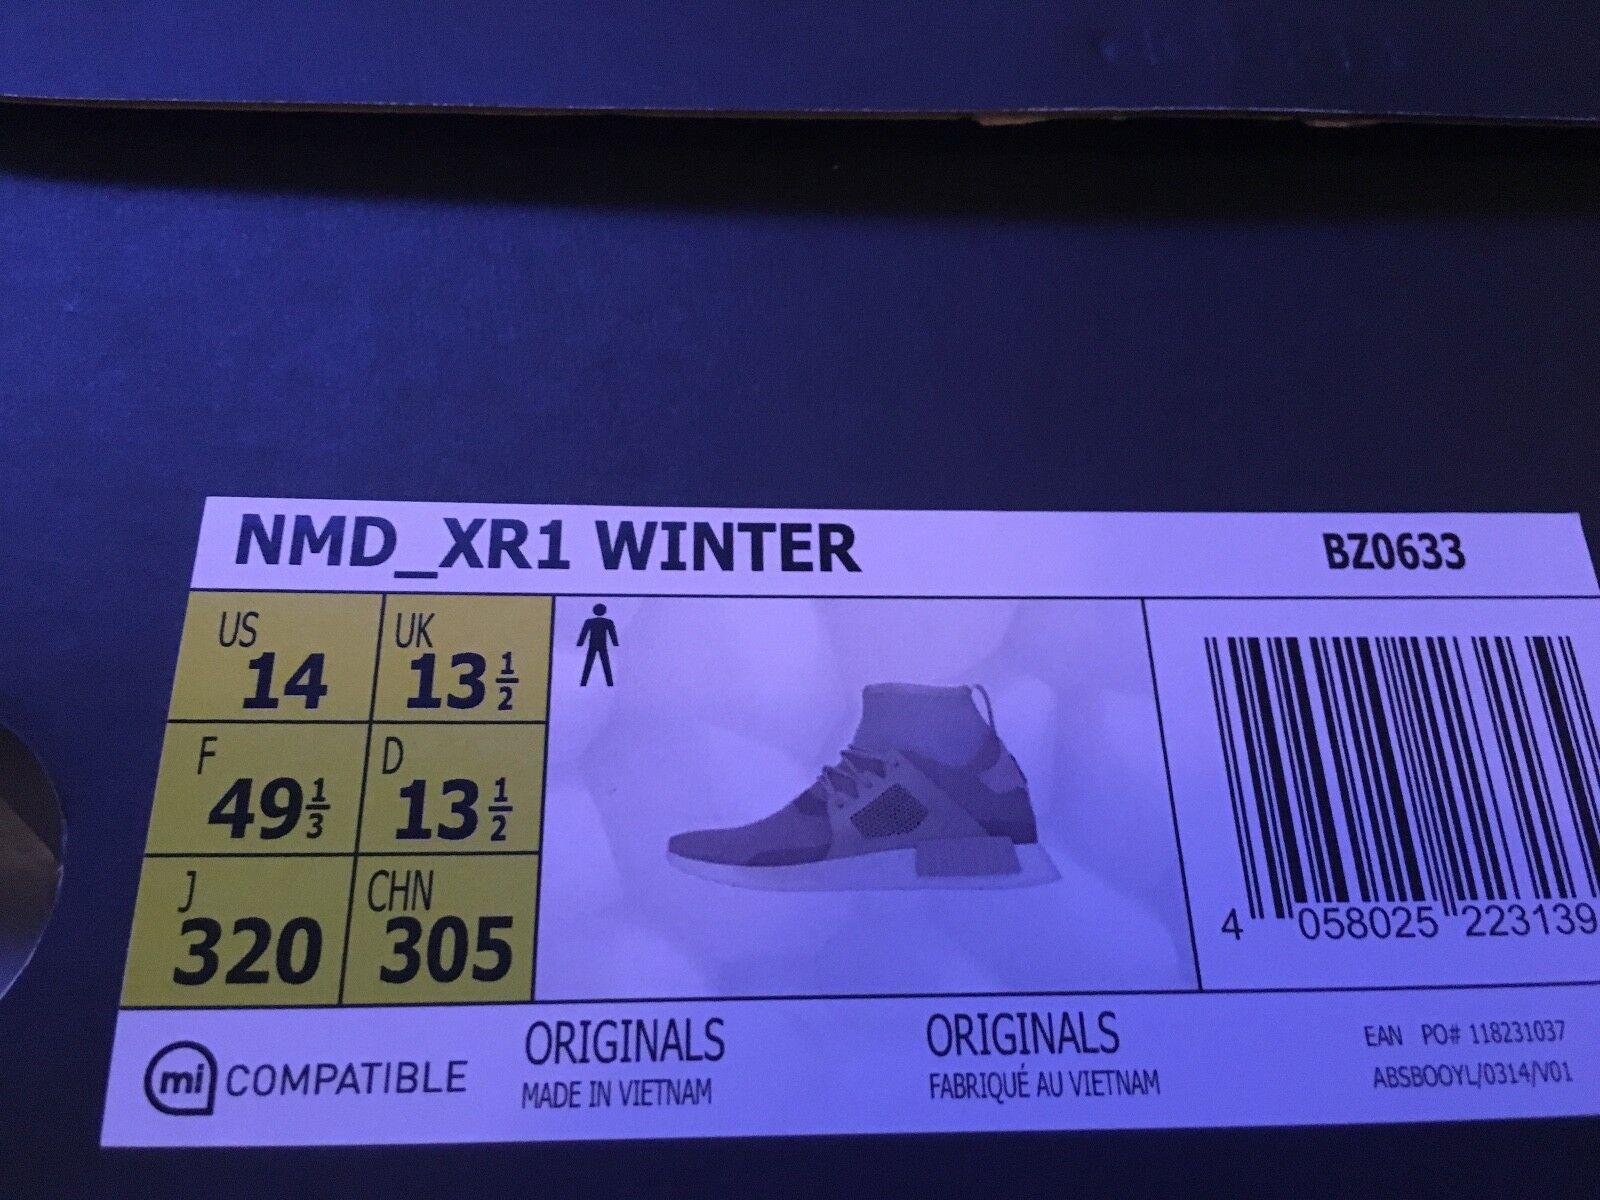 adidas nmd rt inverno inverno inverno grey se 99 dimensioni uk13.5. | di moda  | Del Nuovo Di Arrivo  | Intelligente e pratico  | Uomo/Donna Scarpa  | Scolaro/Ragazze Scarpa  | Uomo/Donne Scarpa  52f9e1